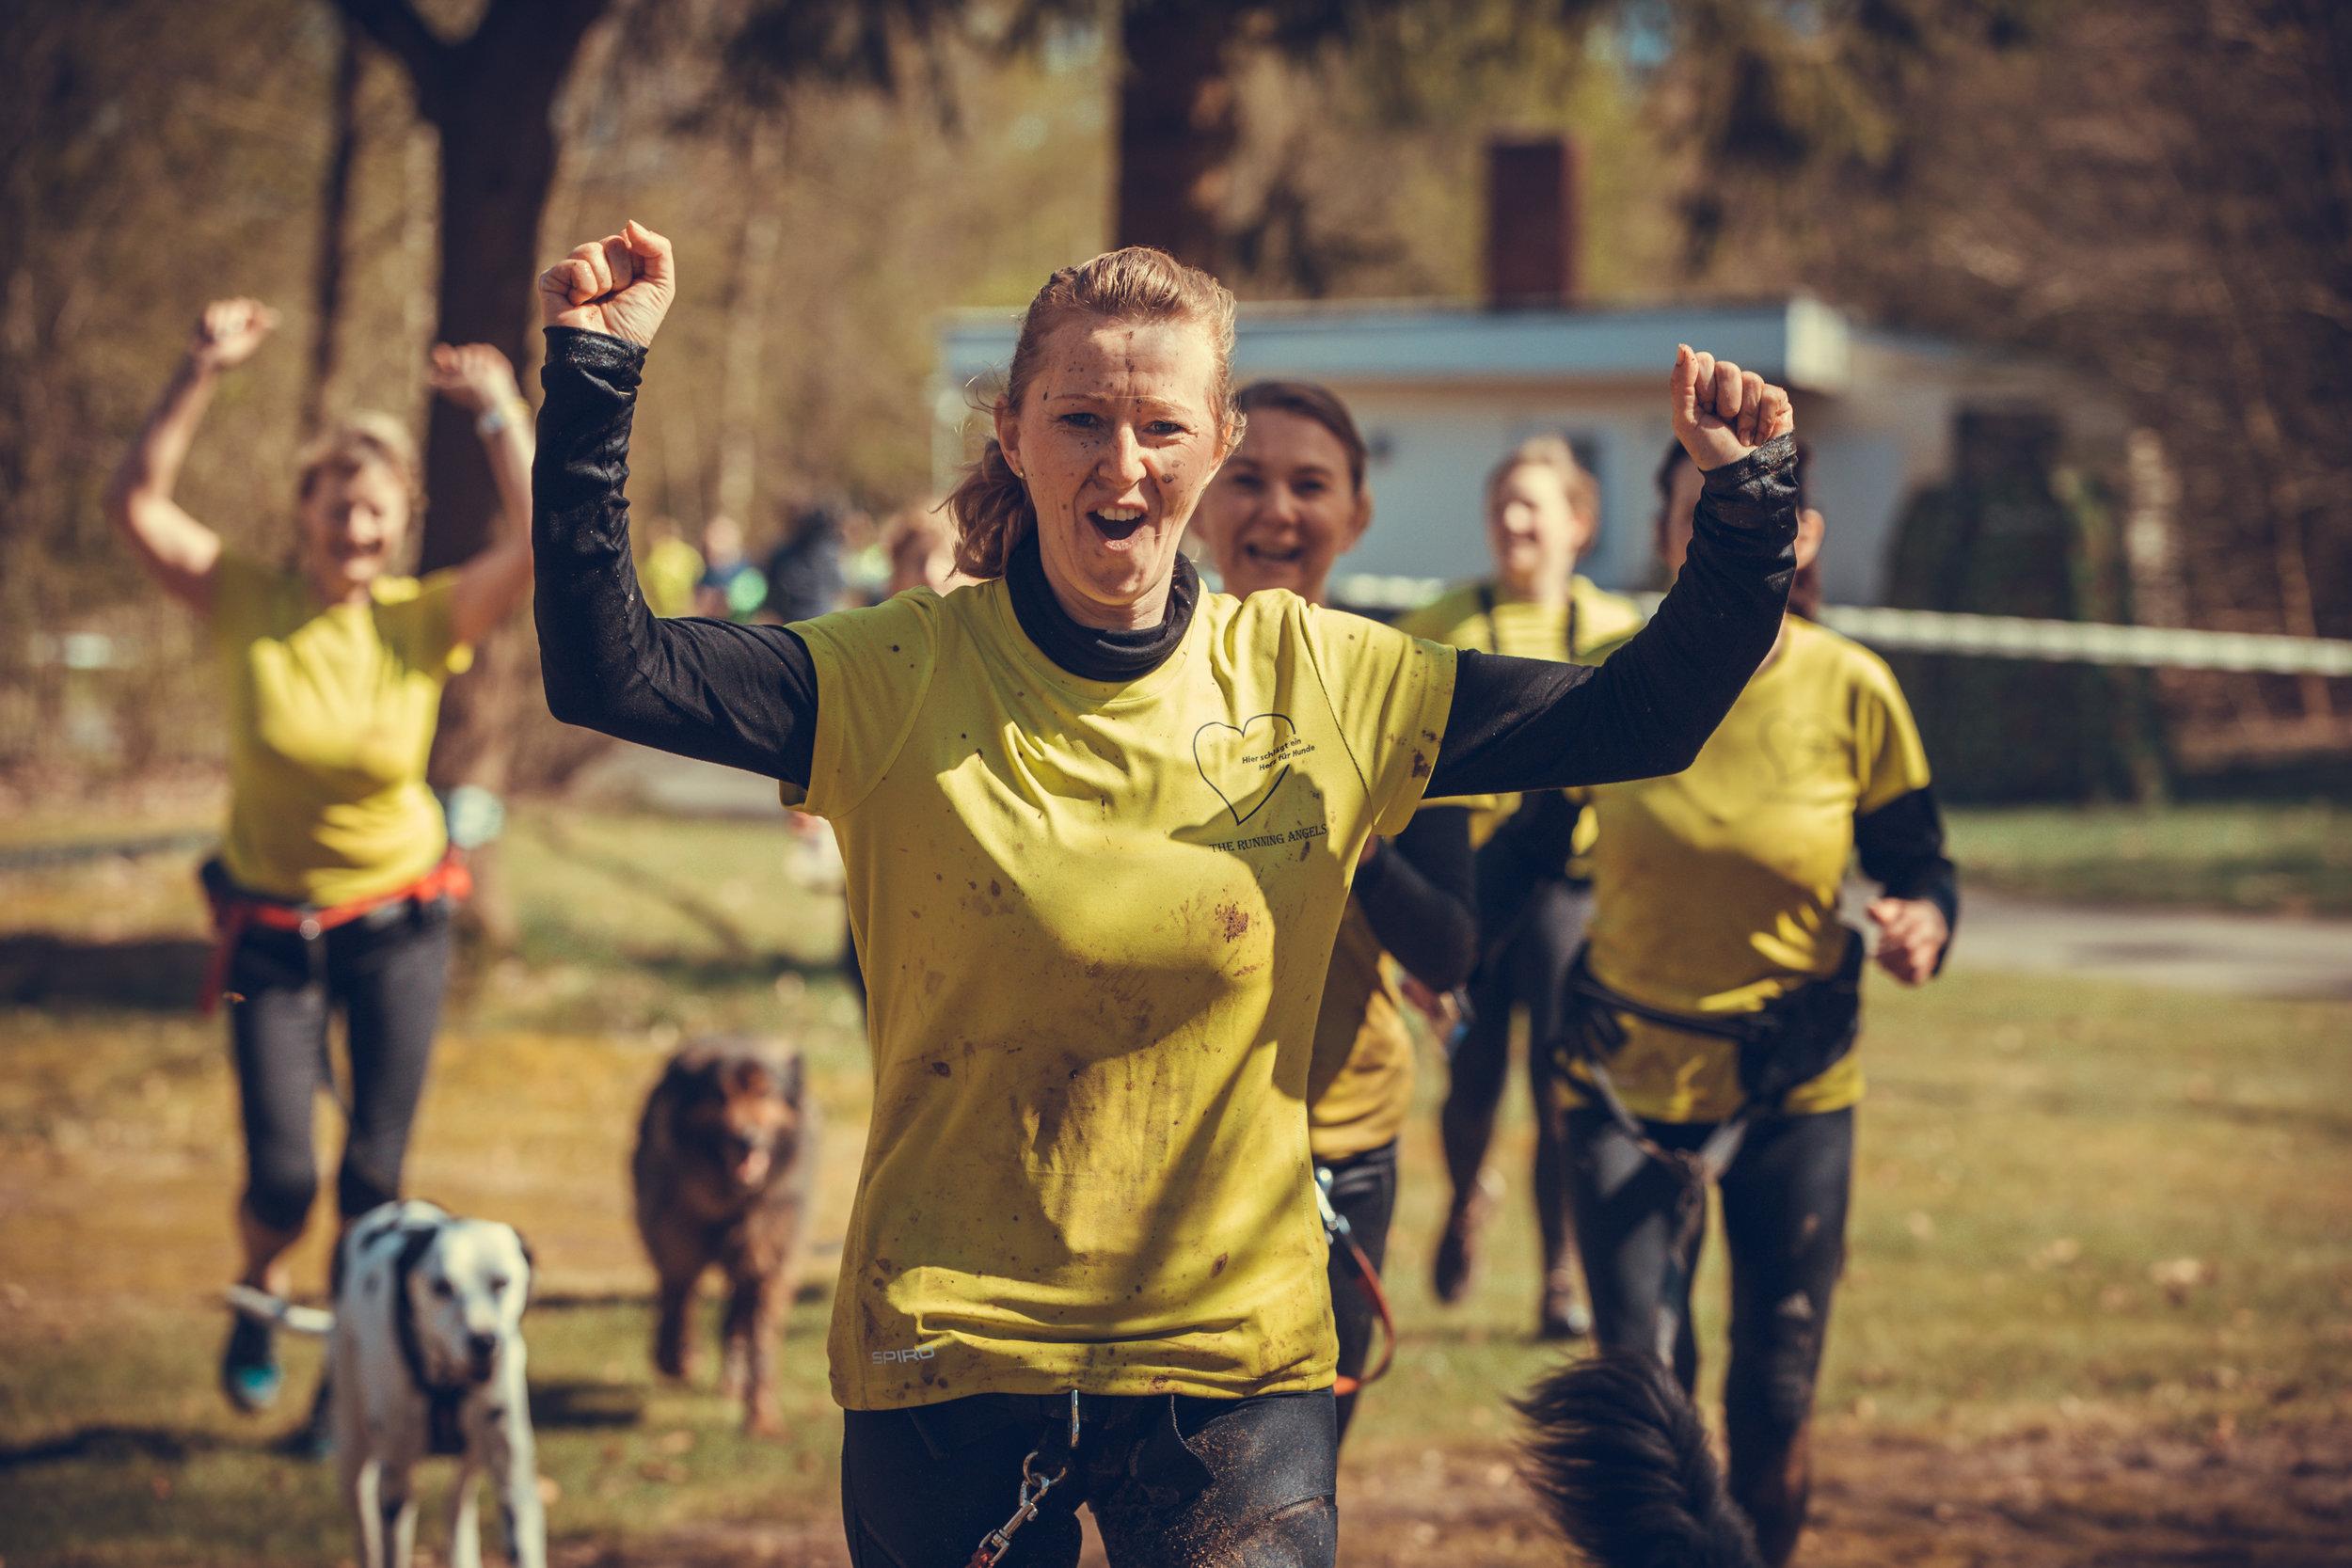 Trails - Everybody Welcome.Camp Canis hat nicht nur Trails im Angebot. Camp Canis hat deinen Trail im Angebot. Wir sind da, damit du Hindernisse überwindest und nicht schon bei der Anmeldung an ihnen scheiterst. Wir bauen unsere Herausforderungen auf den Trail, nicht auf die Homepage. Jeder Trail hat seine ganz eigenen Anforderungen, Tücken und Schwierigkeiten. Bis wohin gehst du mit?